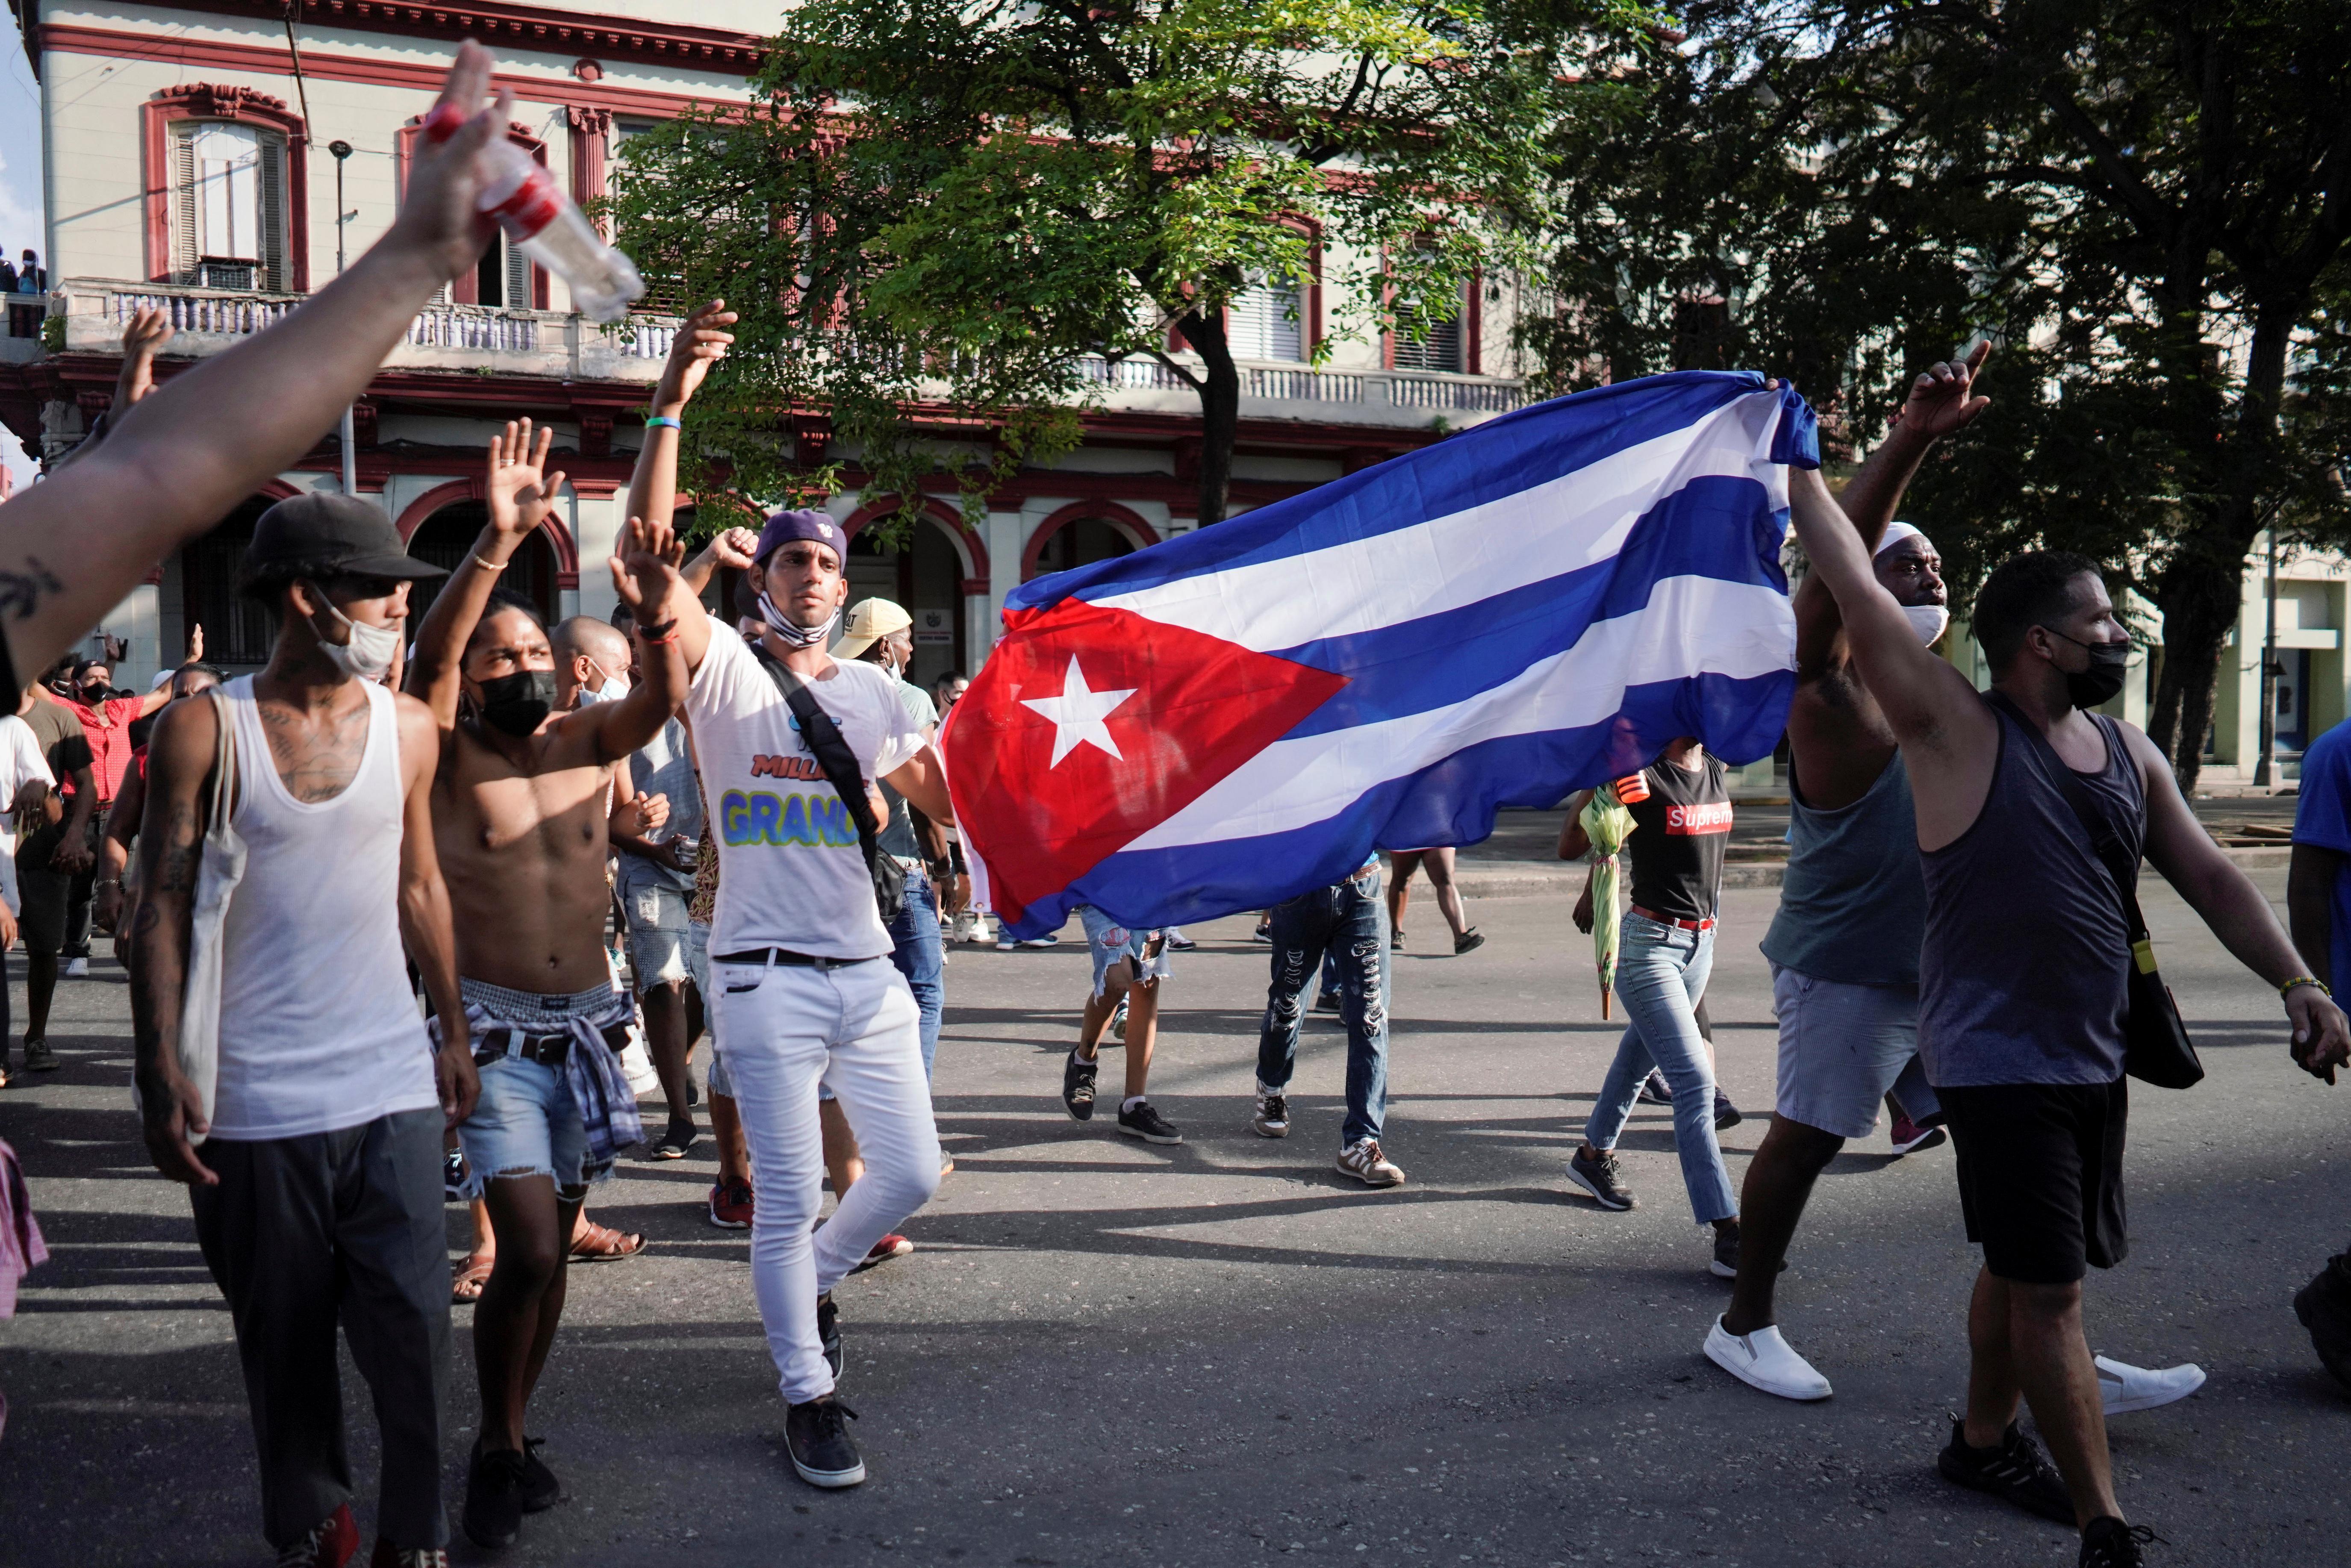 A rare revolt in Cuba